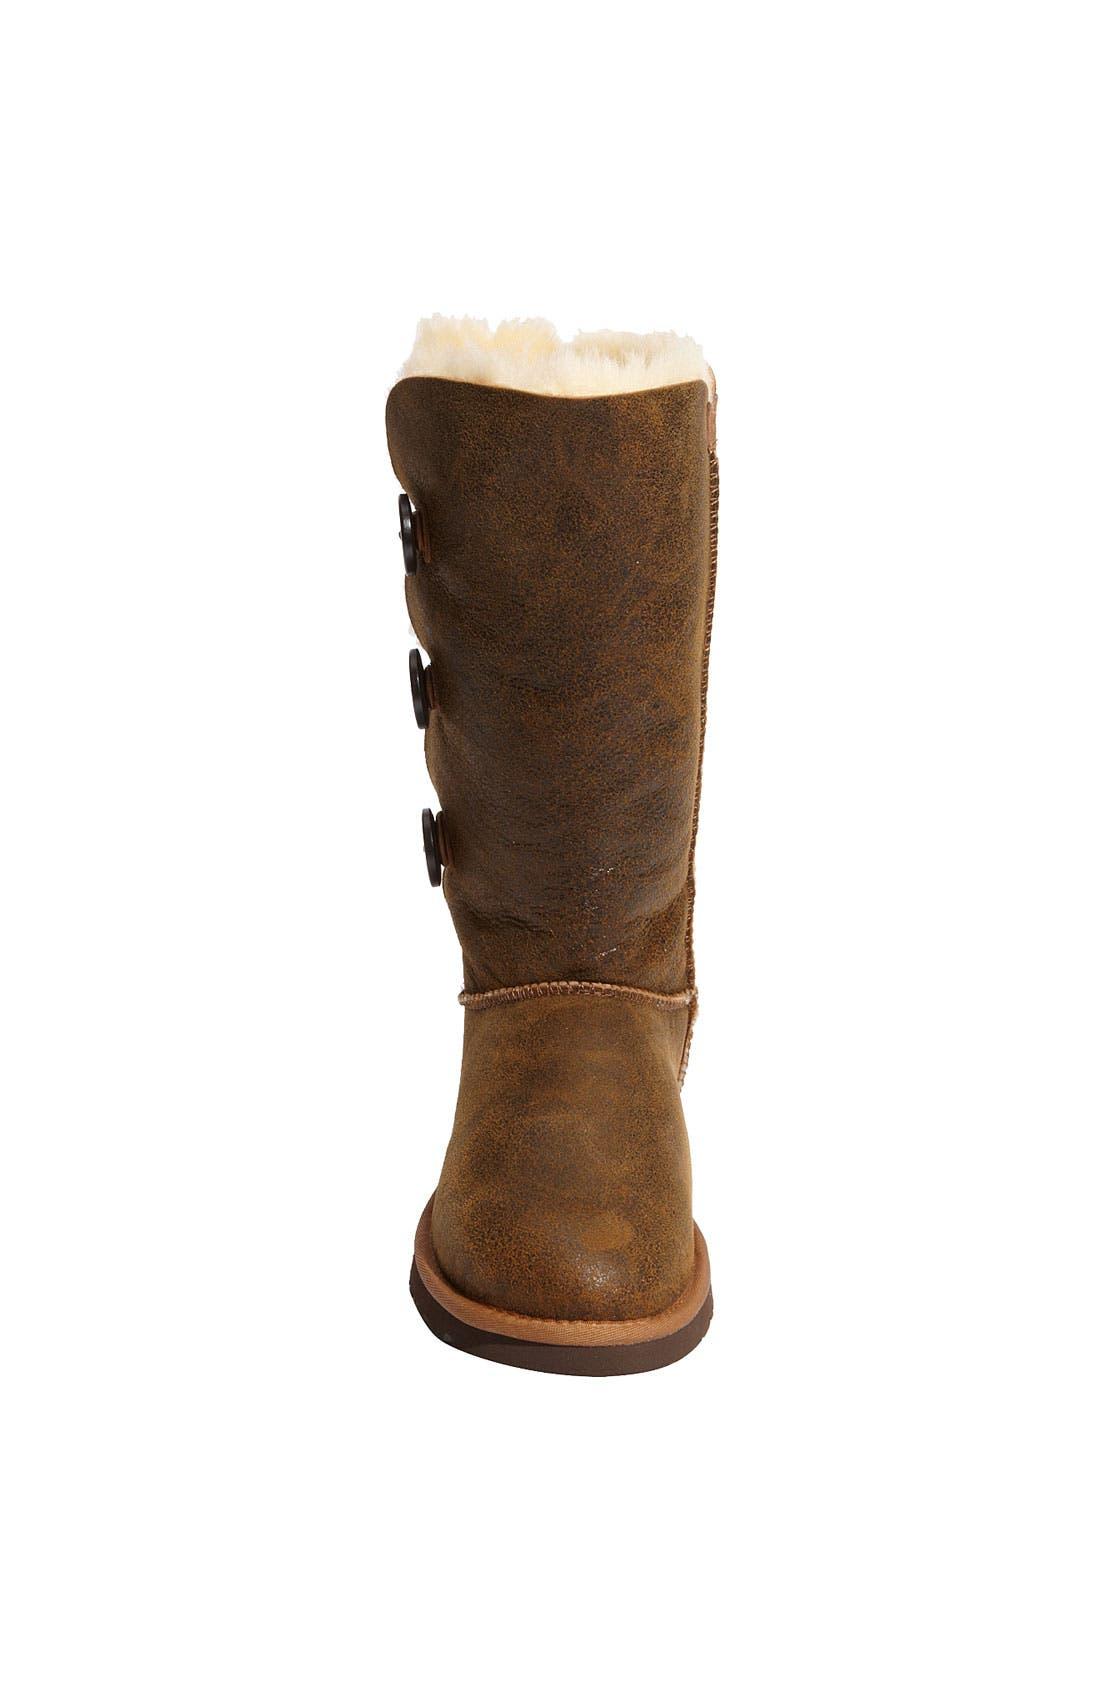 Alternate Image 3  - UGG® Australia 'Bailey Button Triplet' Boot (Bomber) (Women)